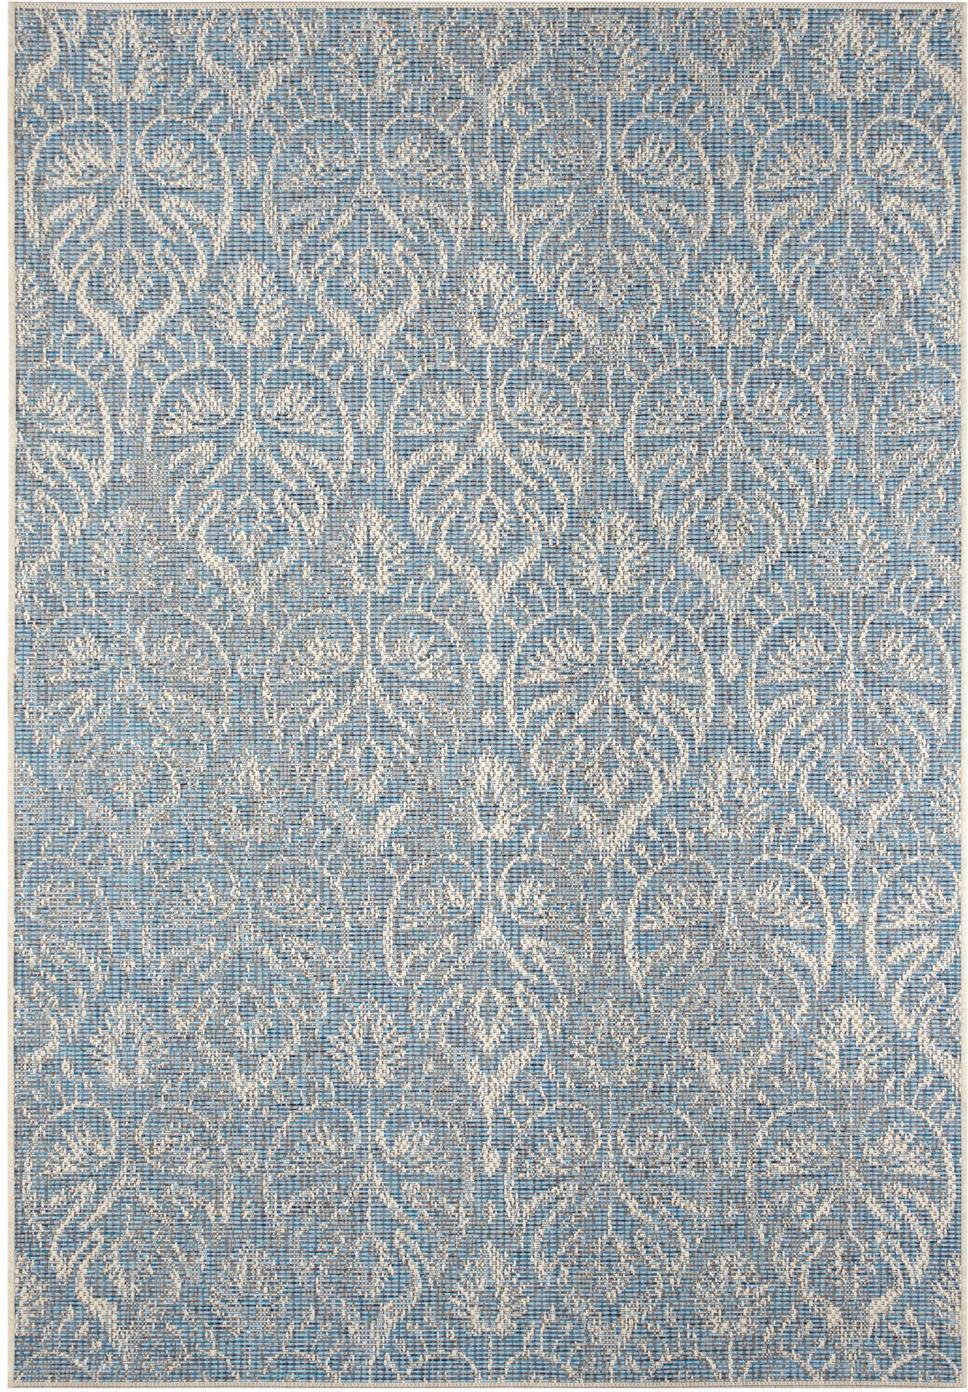 Design In- & Outdoor-Teppich Choy mit grafischem Muster, 100% Polypropylen, Hellblau, Beige, B 140 x L 200 cm (Größe S)